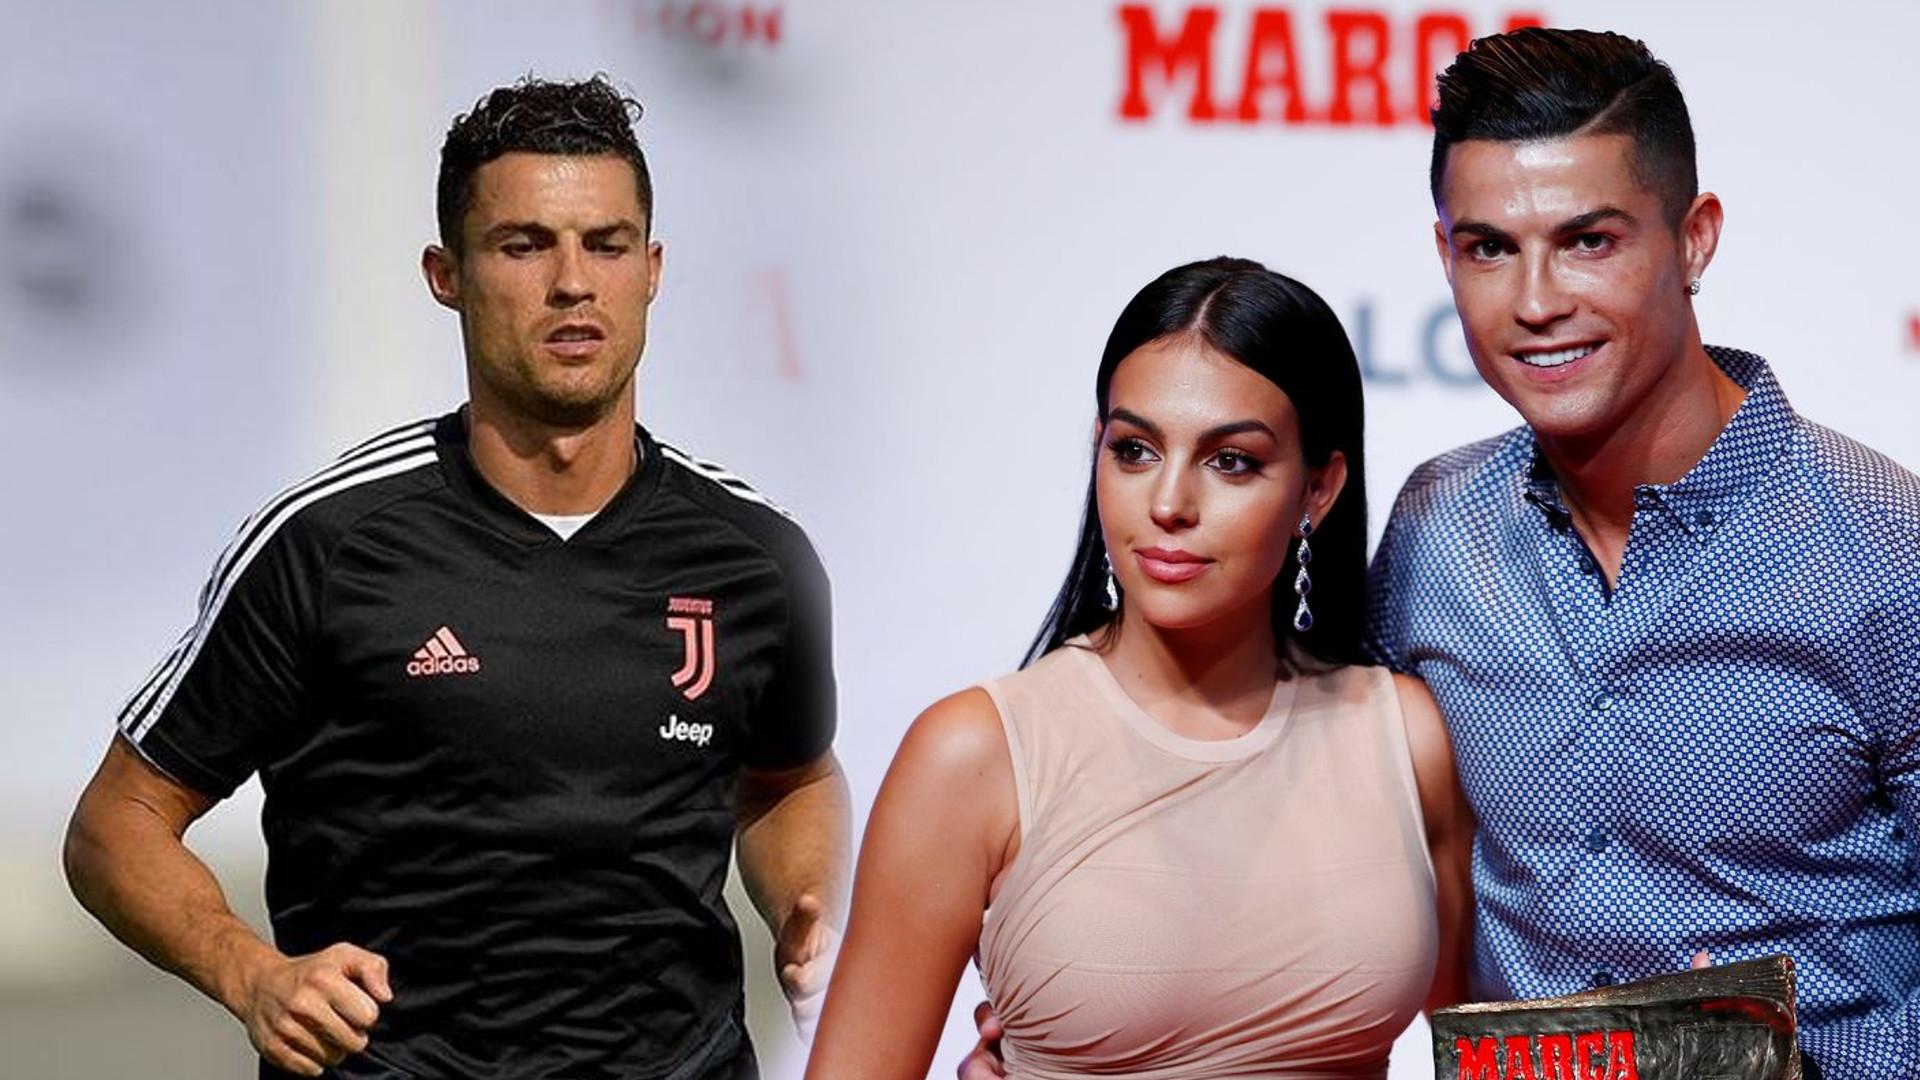 Cristiano Ronaldo już TAK NIE WYGLĄDA! Piłkarz zaszokował nową fryzurą